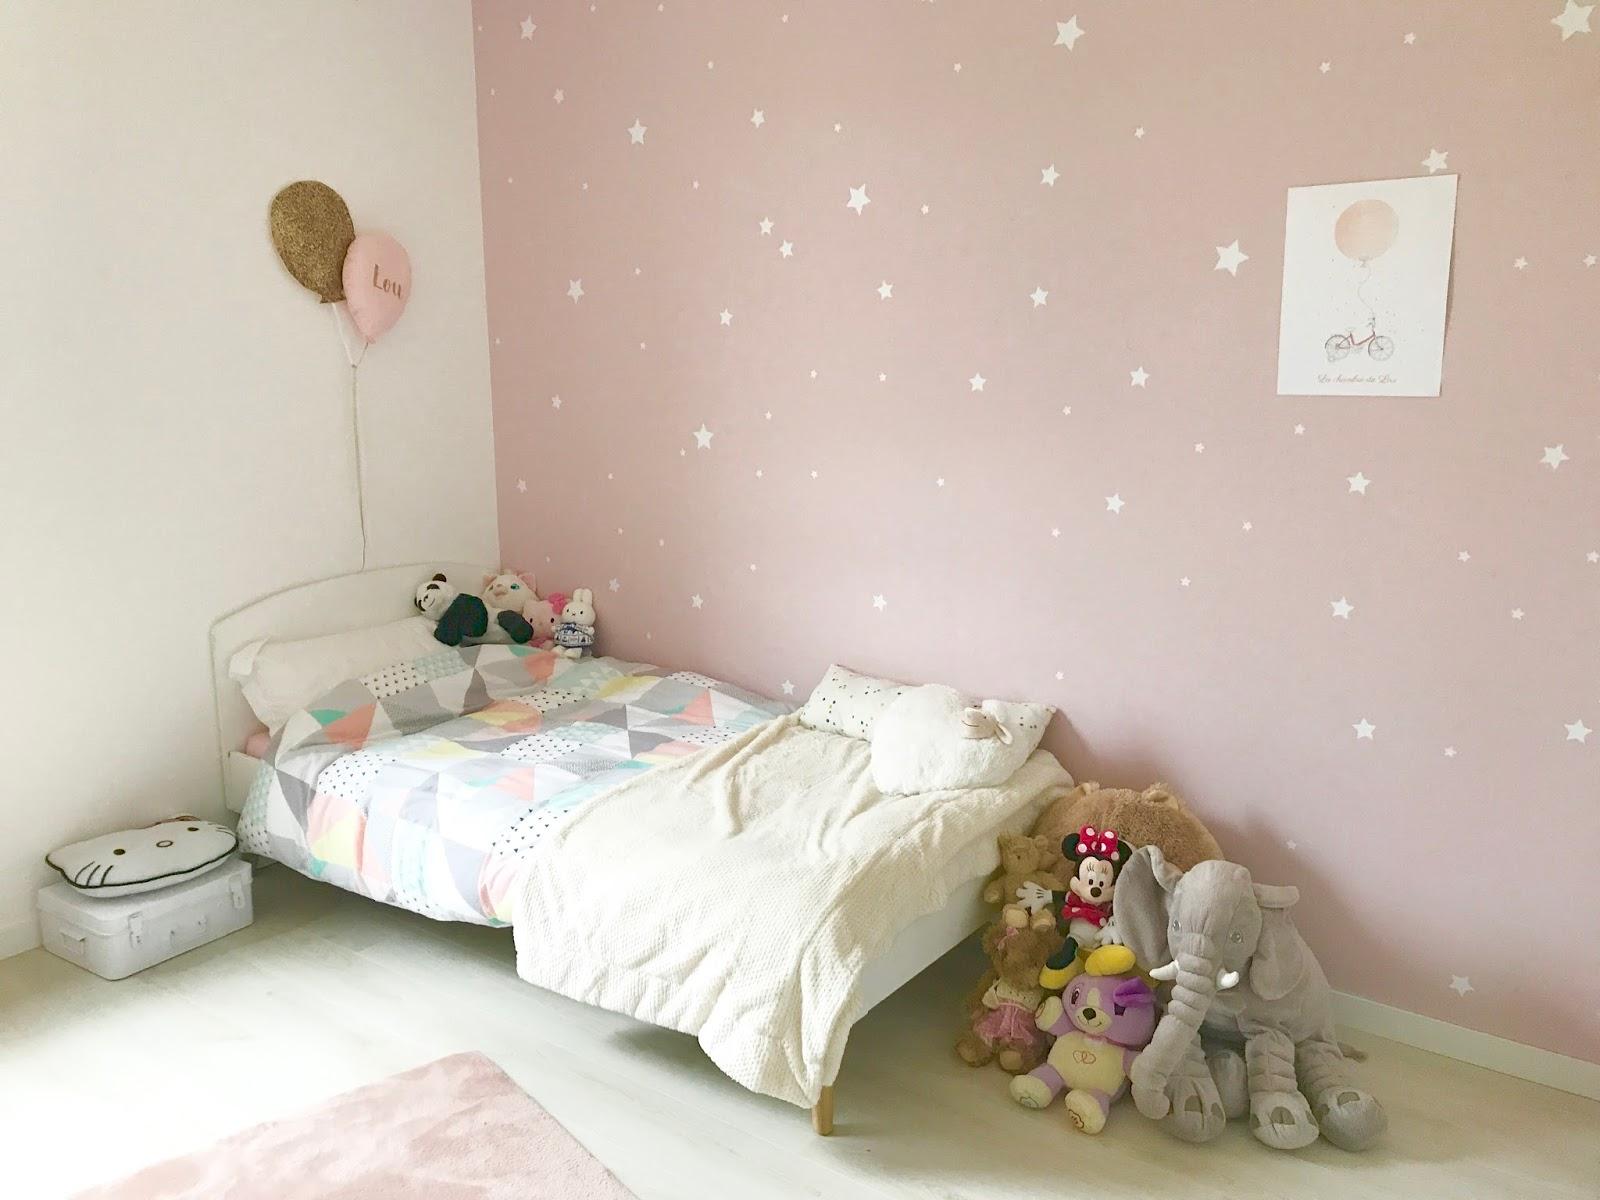 DIY : un mur étoilé pour chambre enfant | GlobeShoppeuse